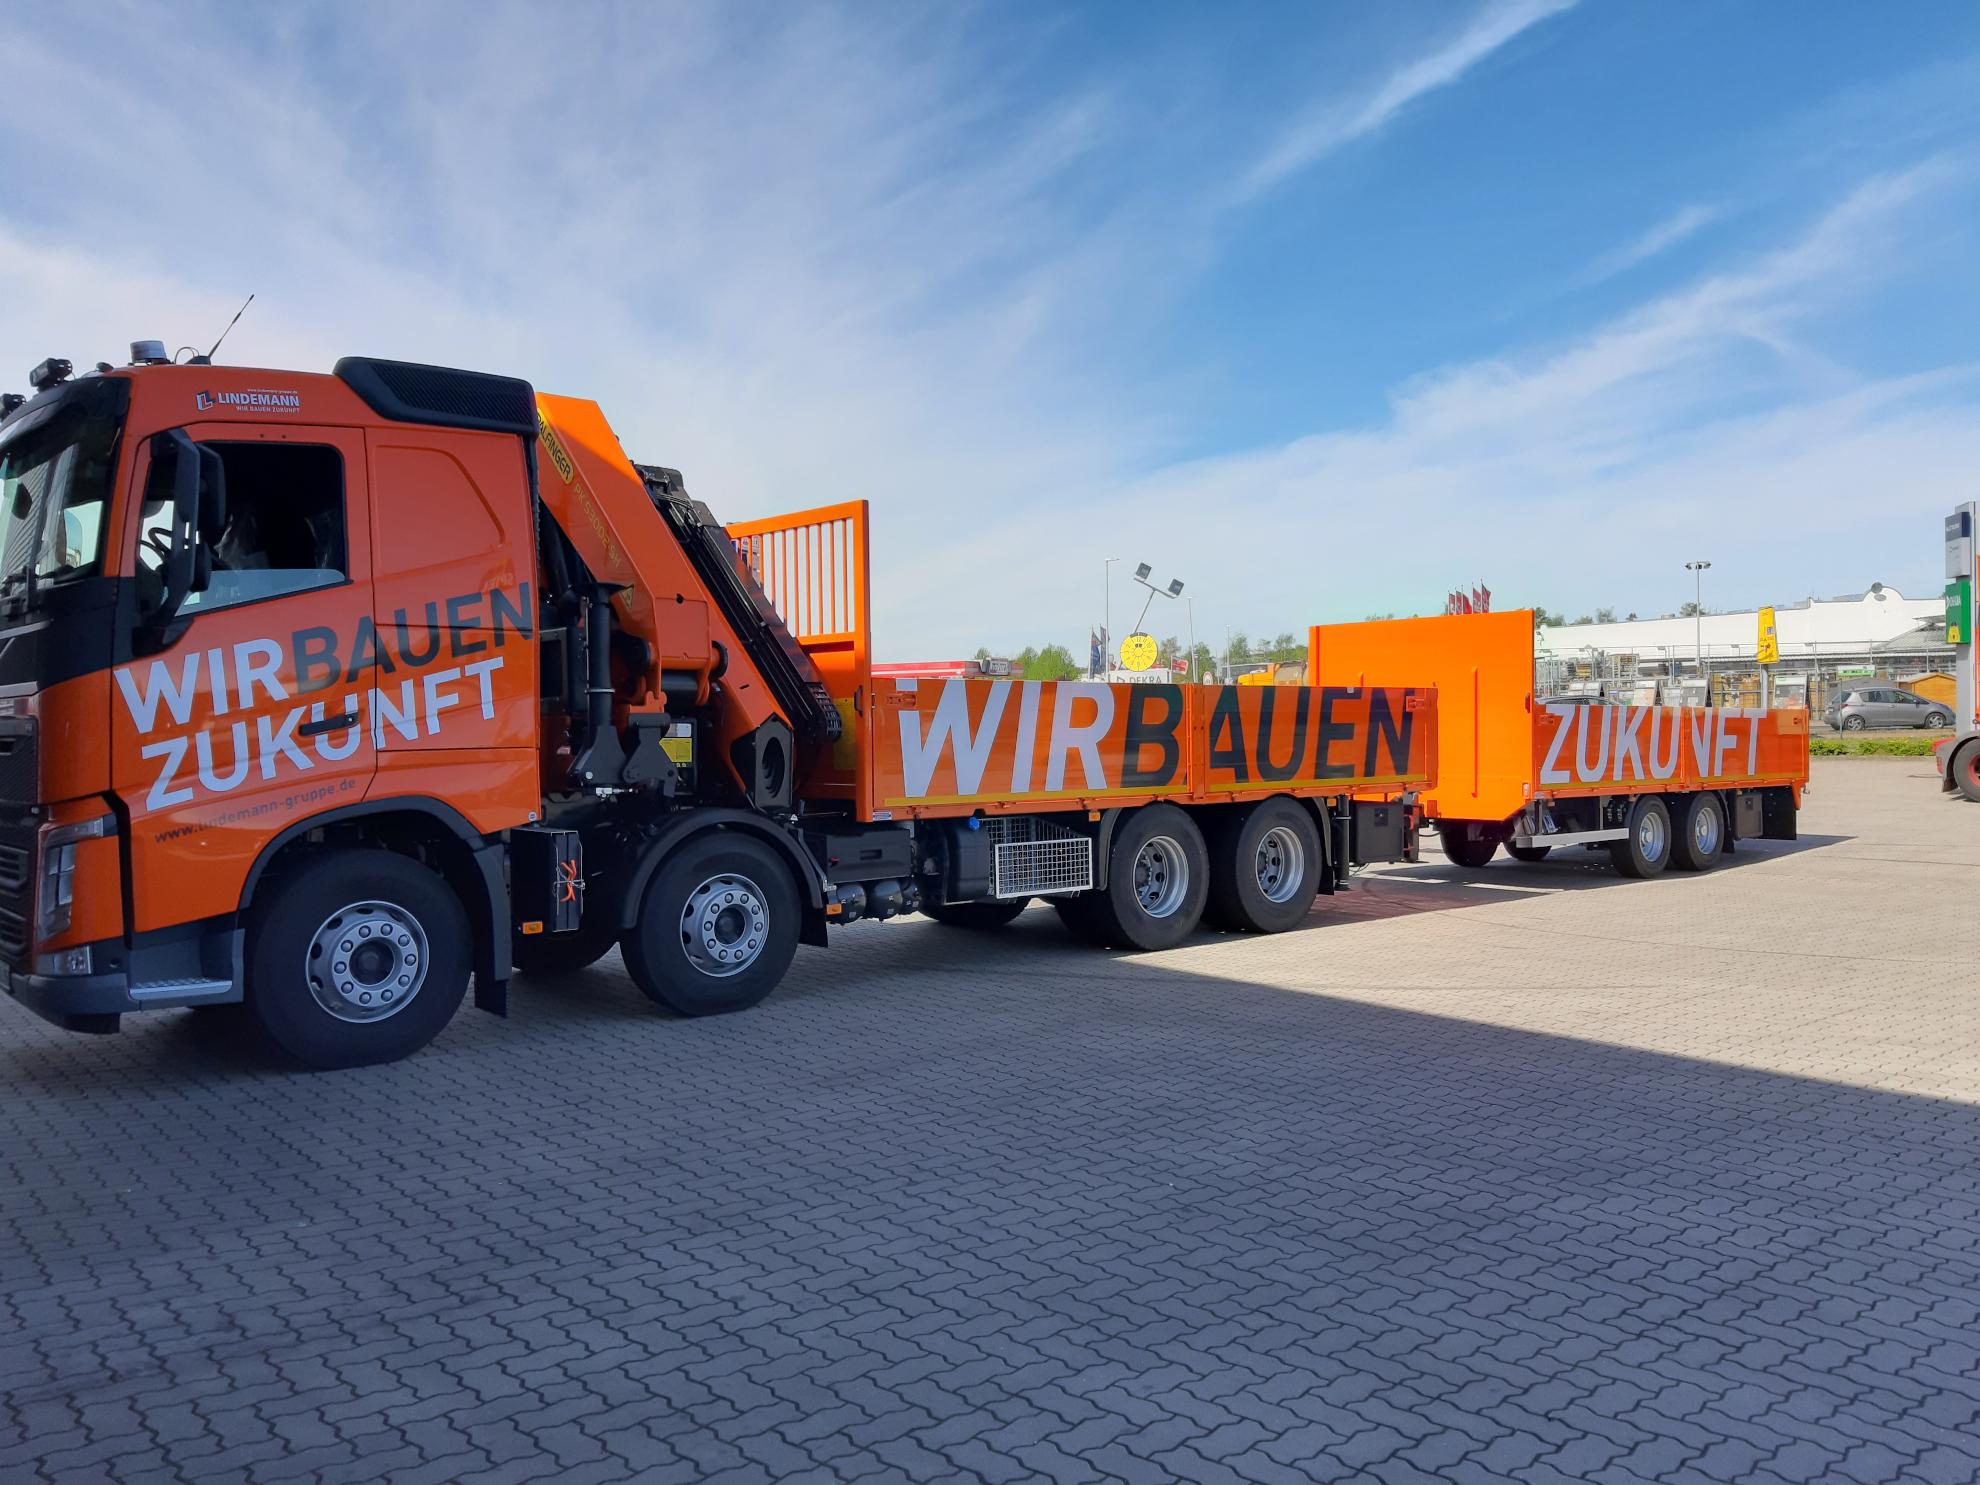 Lindemann LKW in Orange mit beschriftung wir bauen Zukunft